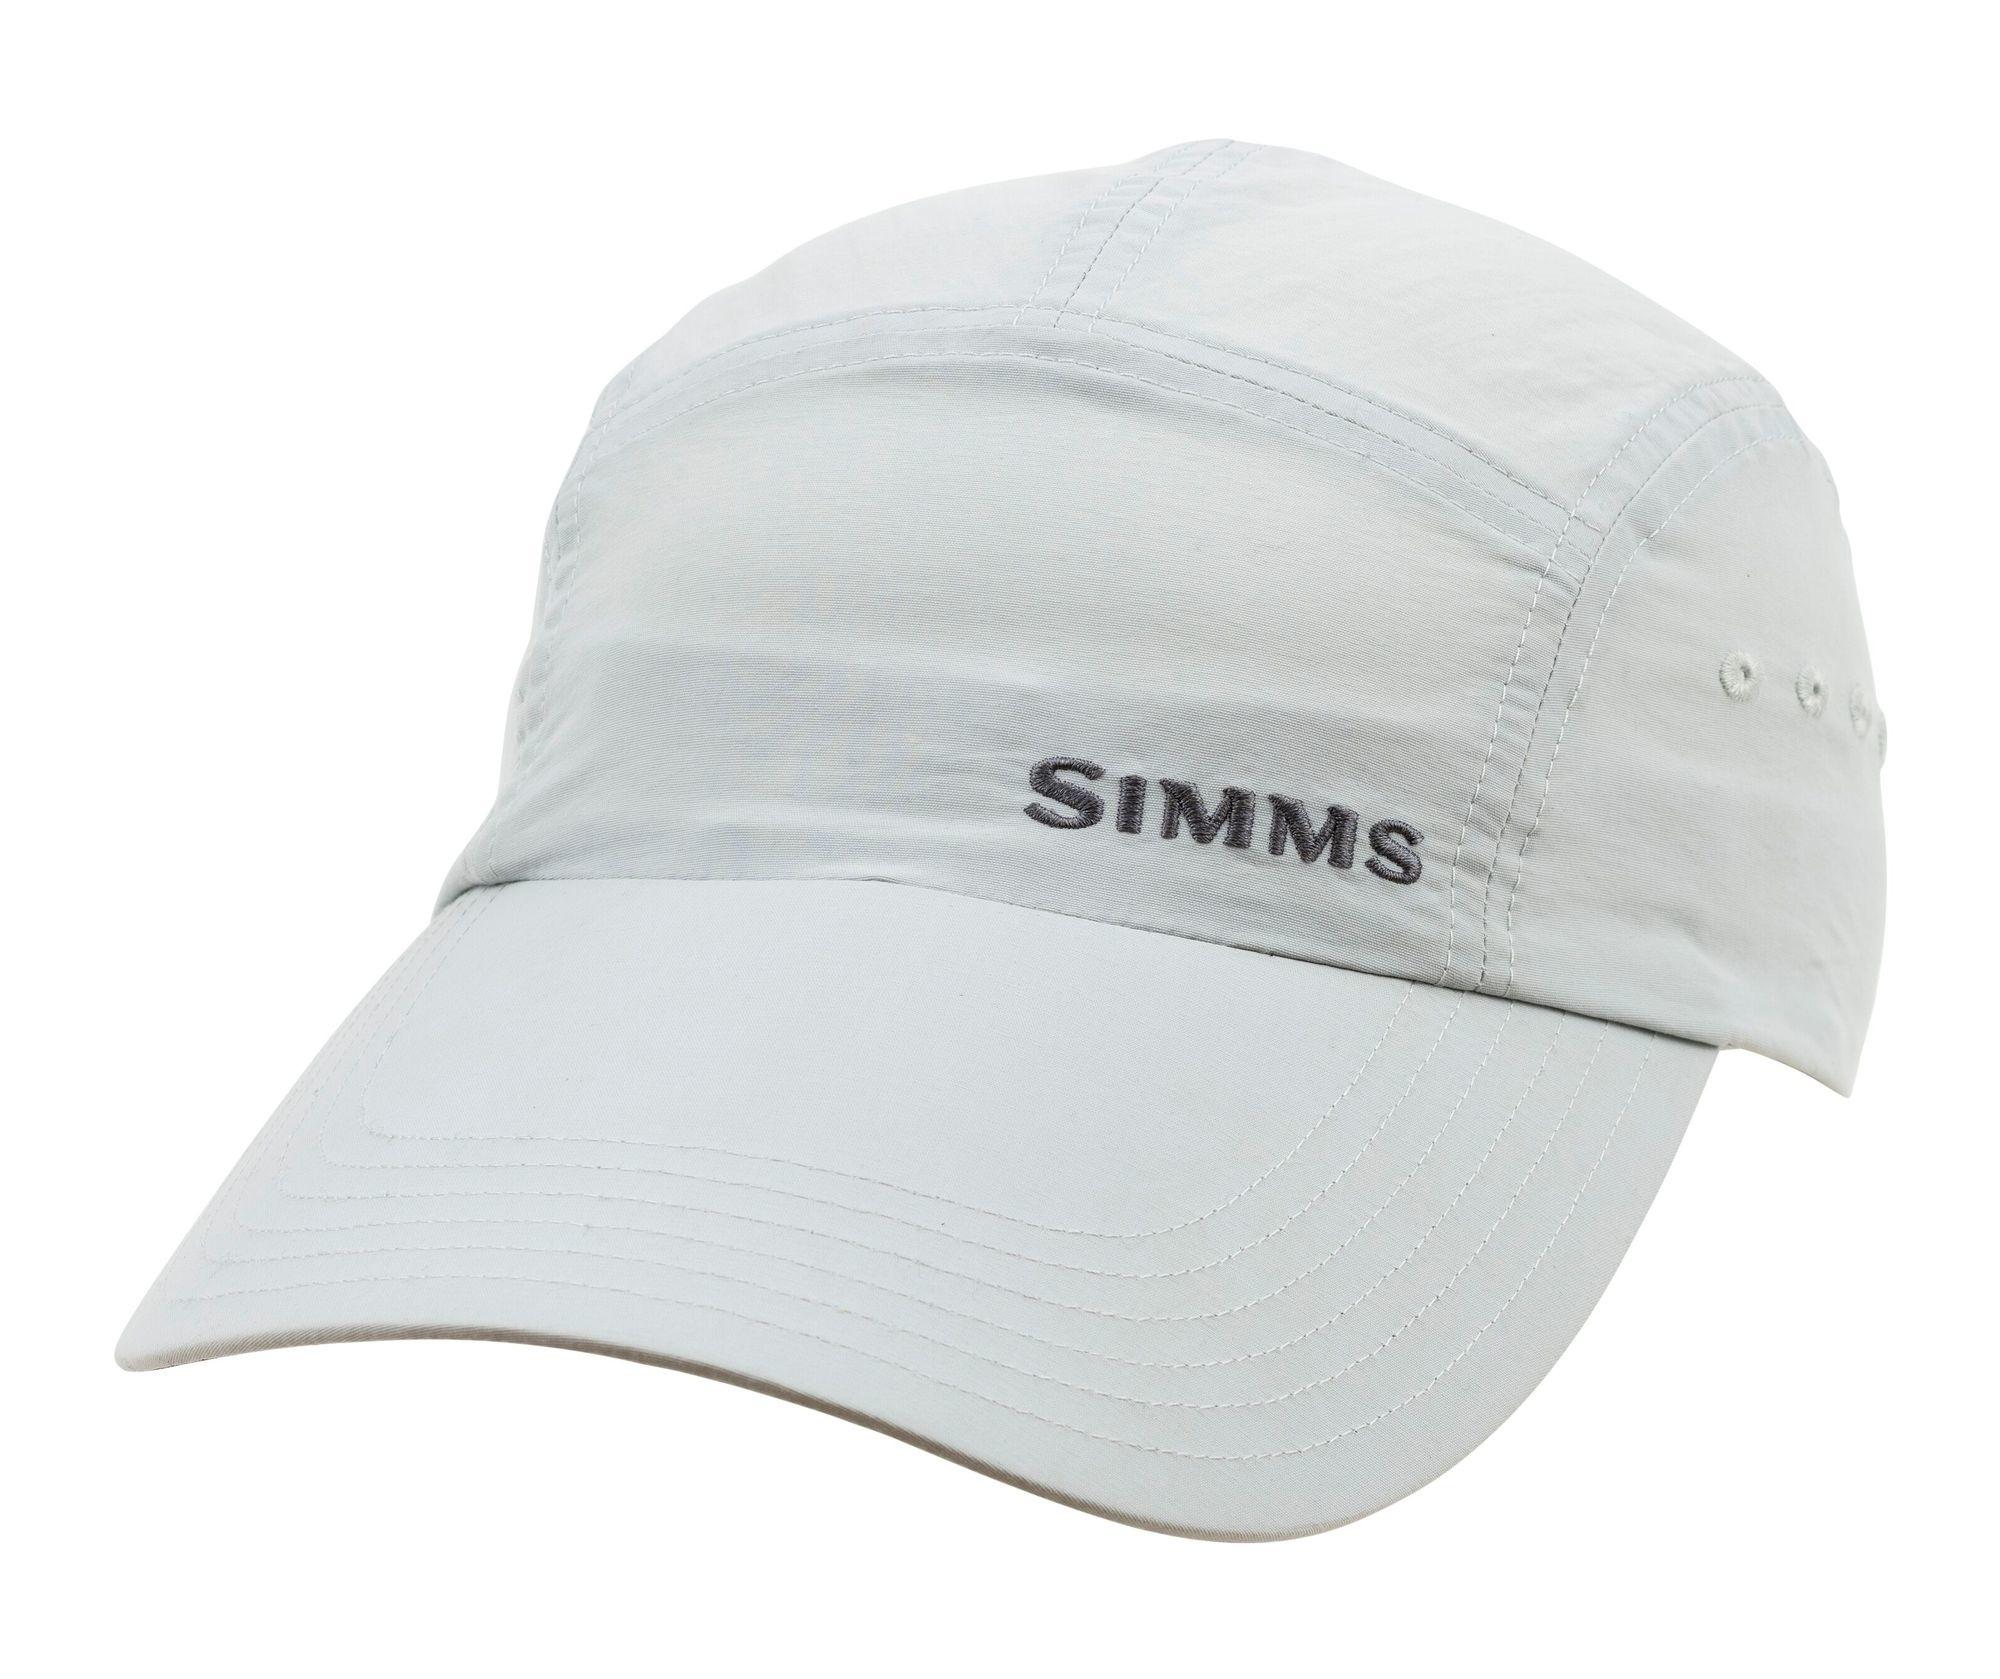 SIMMS Simms Superlight Long Bill Flats Cap - Sterling